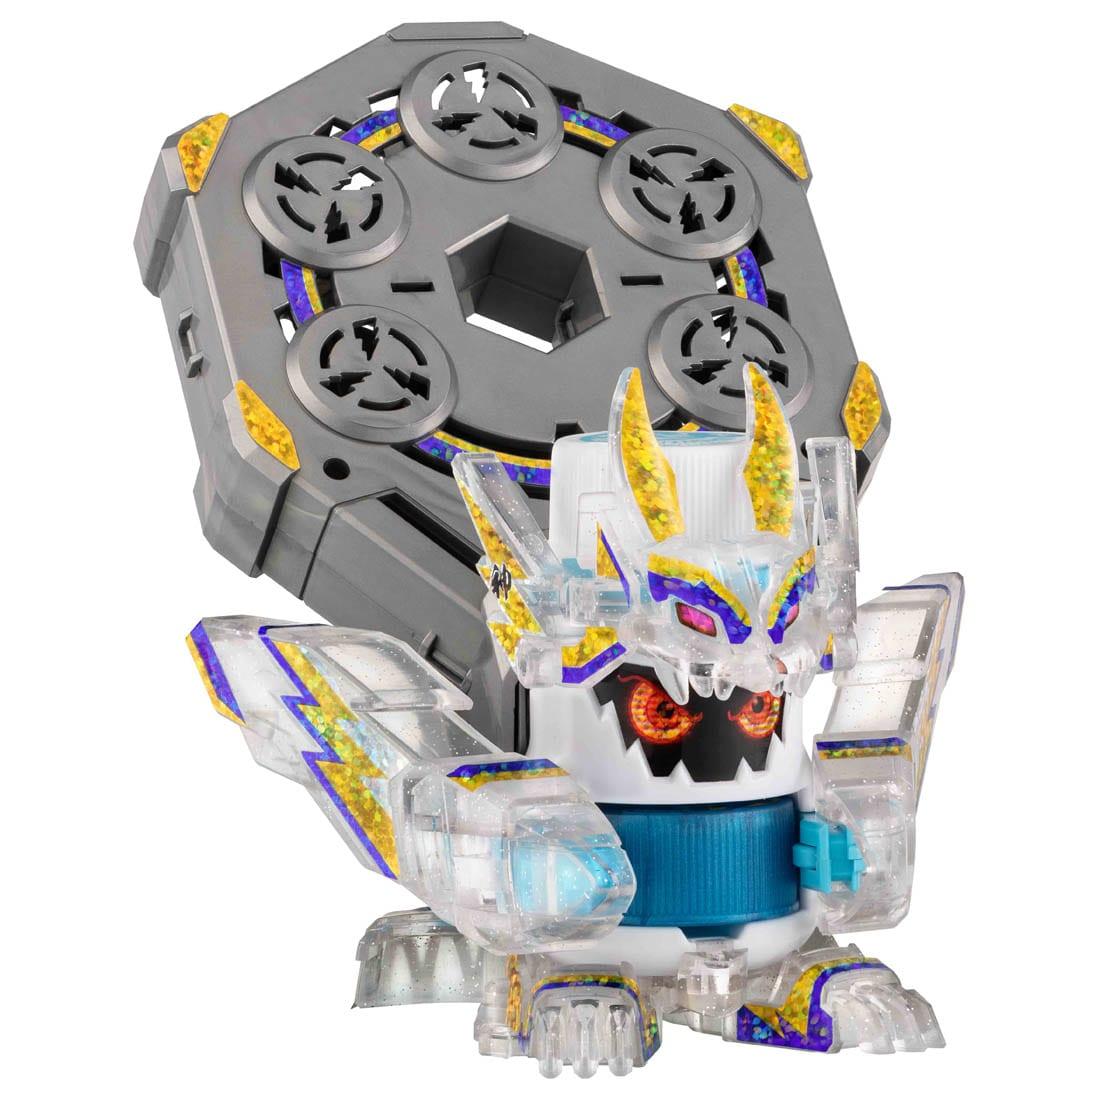 キャップ革命 ボトルマン『BOT-09 フウジンブラック』おもちゃ-006